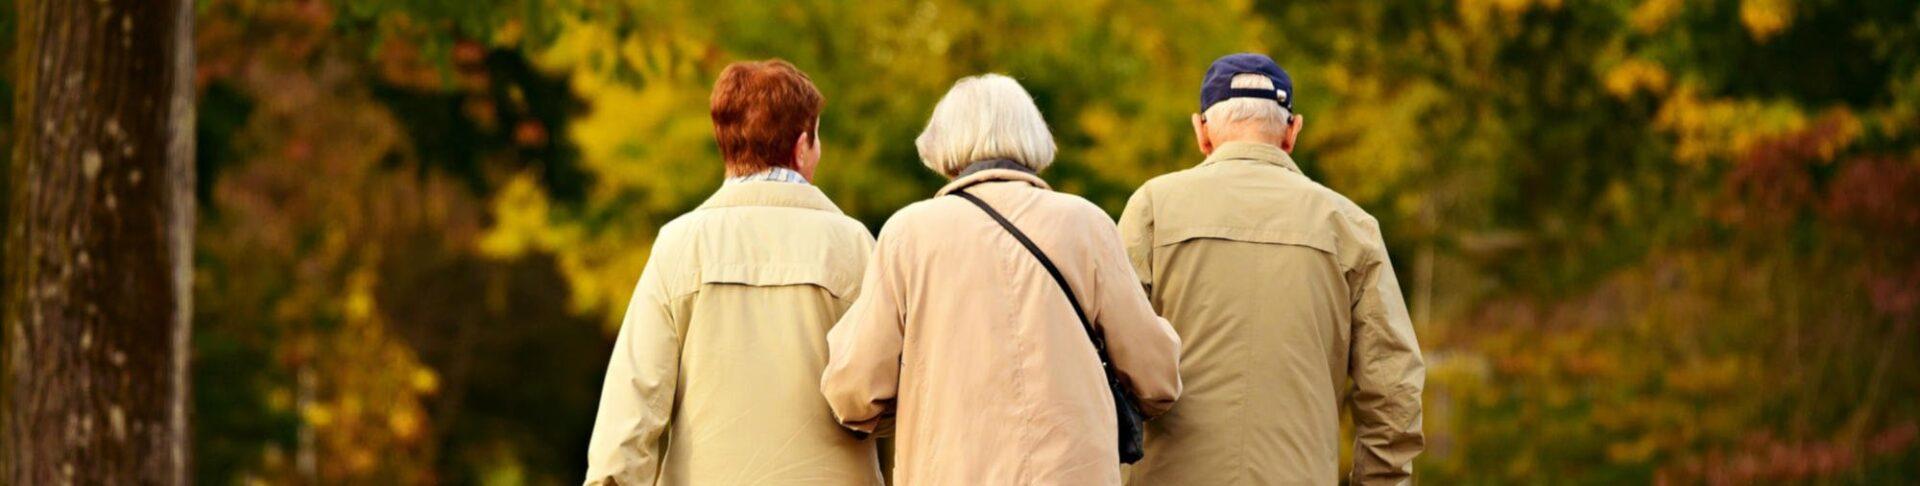 Three older people walking